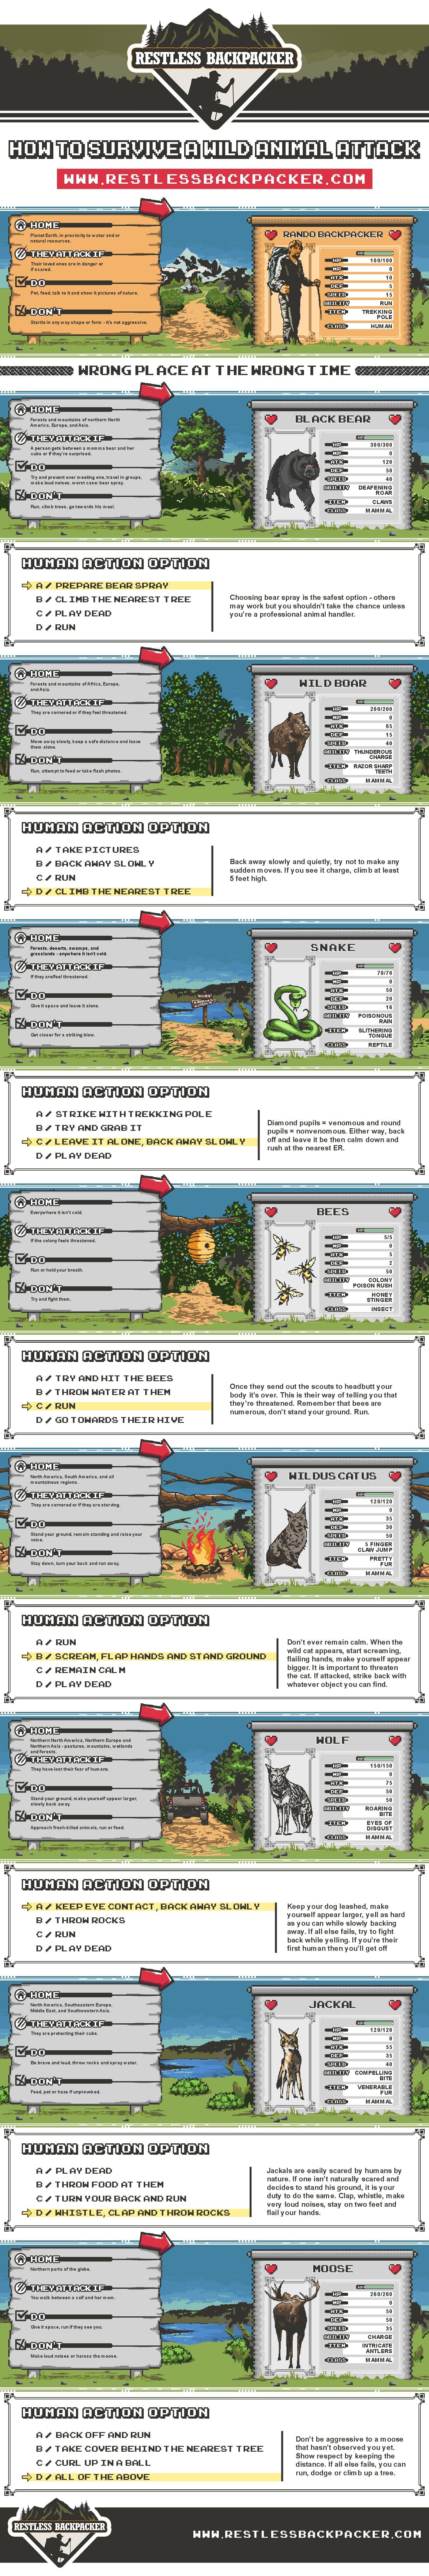 Restless Backpacker infographic